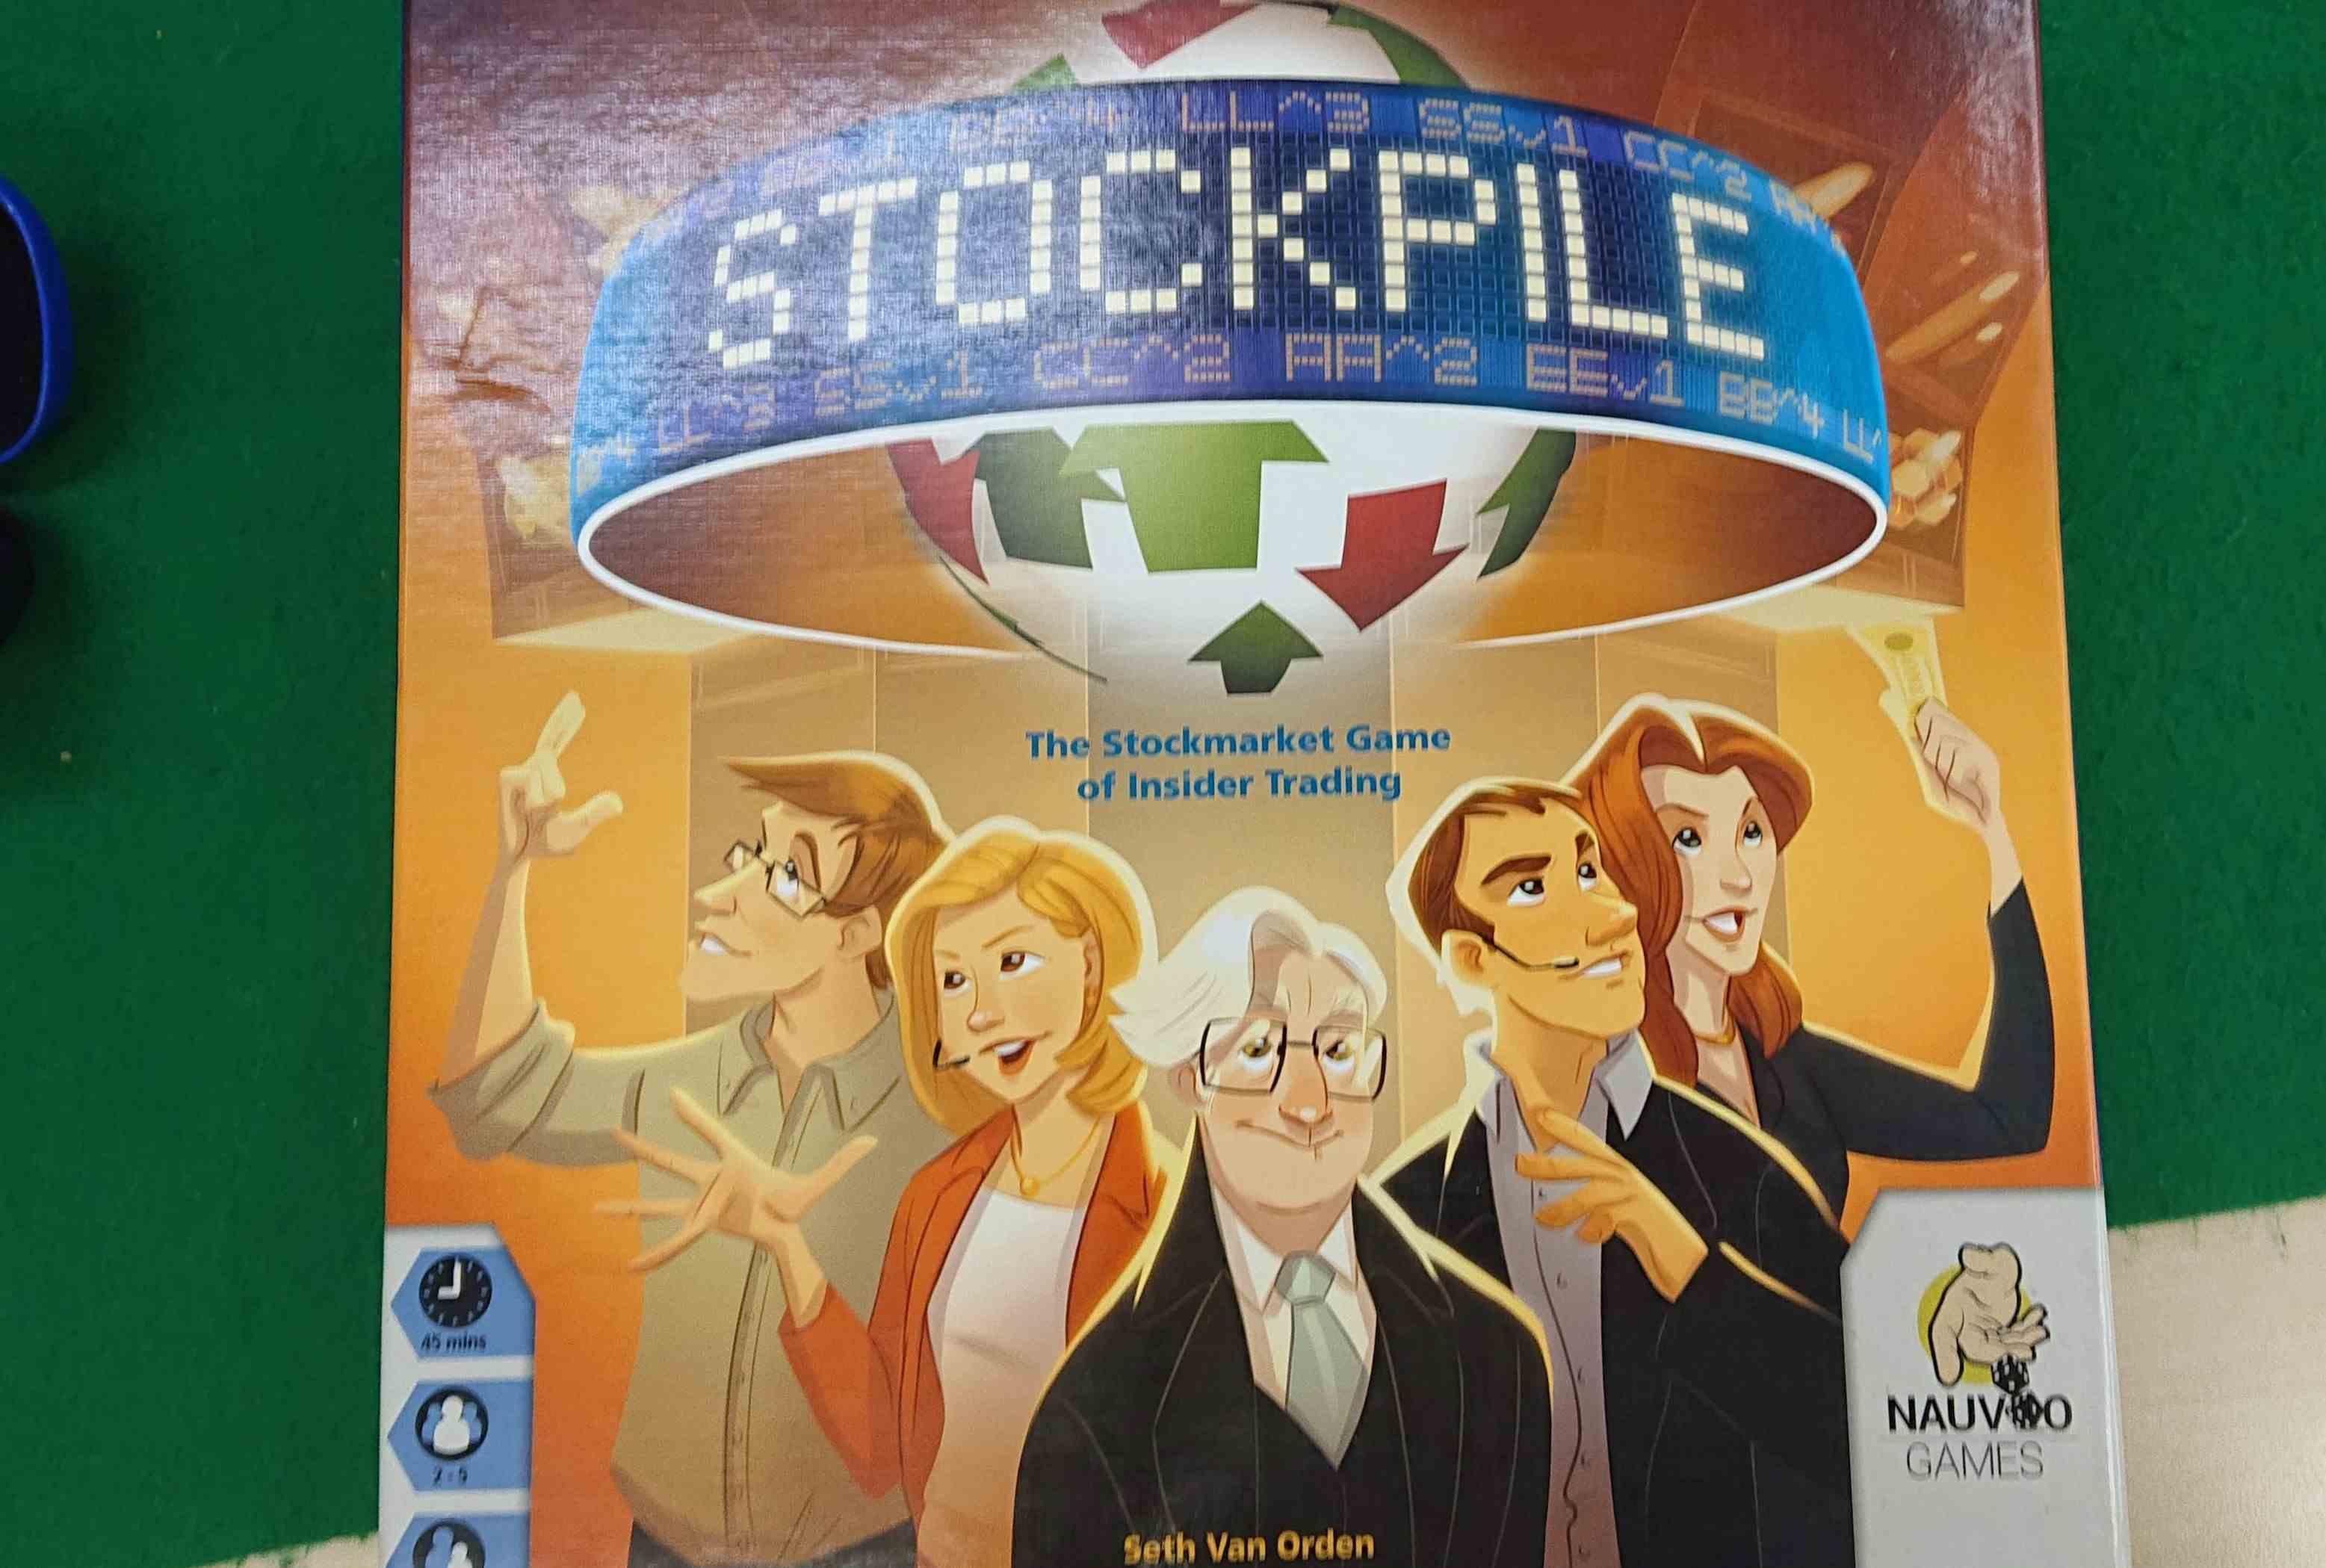 「POLIS(ポリス)」「STOCKPILE(ストックパイル)」 ボードゲーム会でプレイしたゲーム 感想